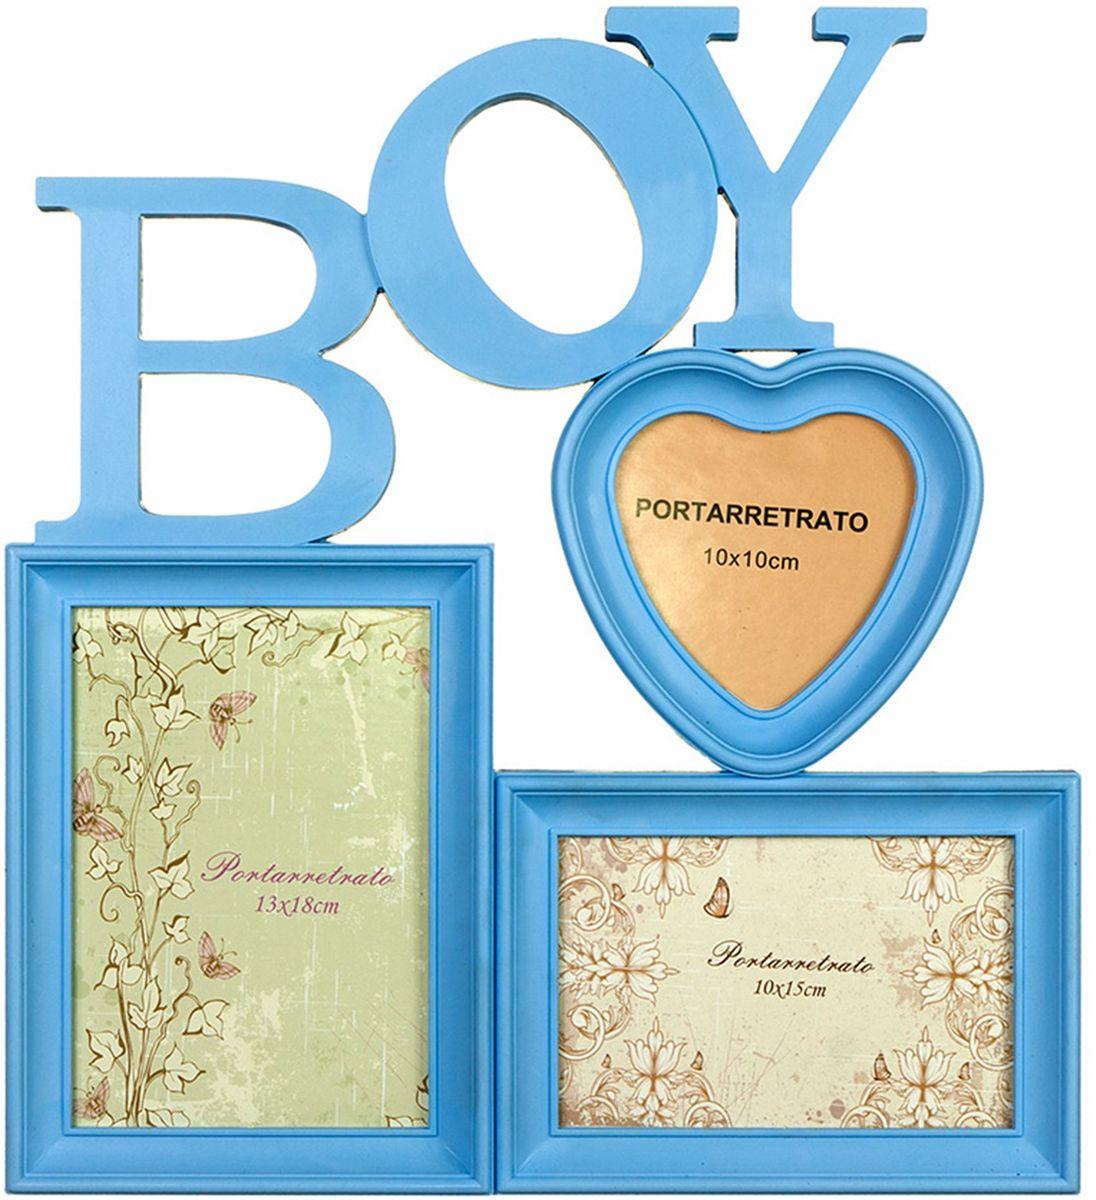 Фоторамка-коллаж Platinum Boy, 3 фото фотоальбом platinum ландшафт 1 200 фотографий 10 х 15 см цвет зеленый голубой коричневый pp 46200s